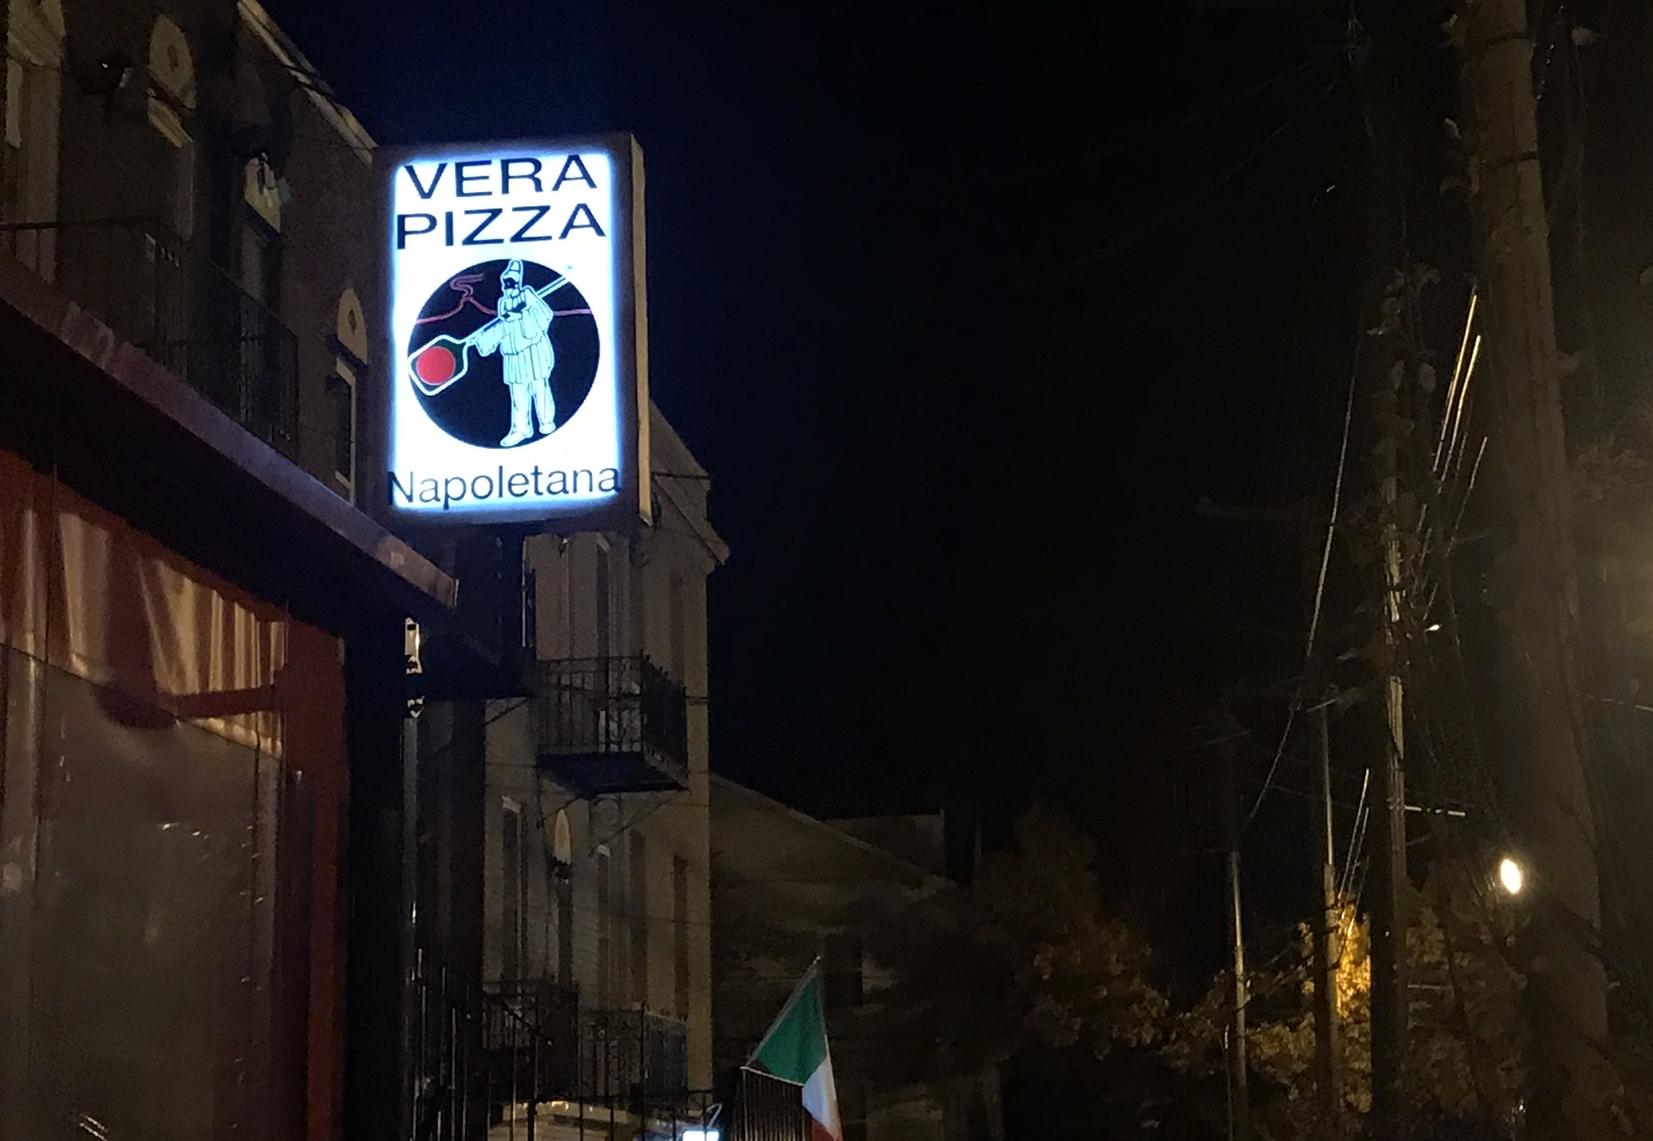 Vera Pizza Sign